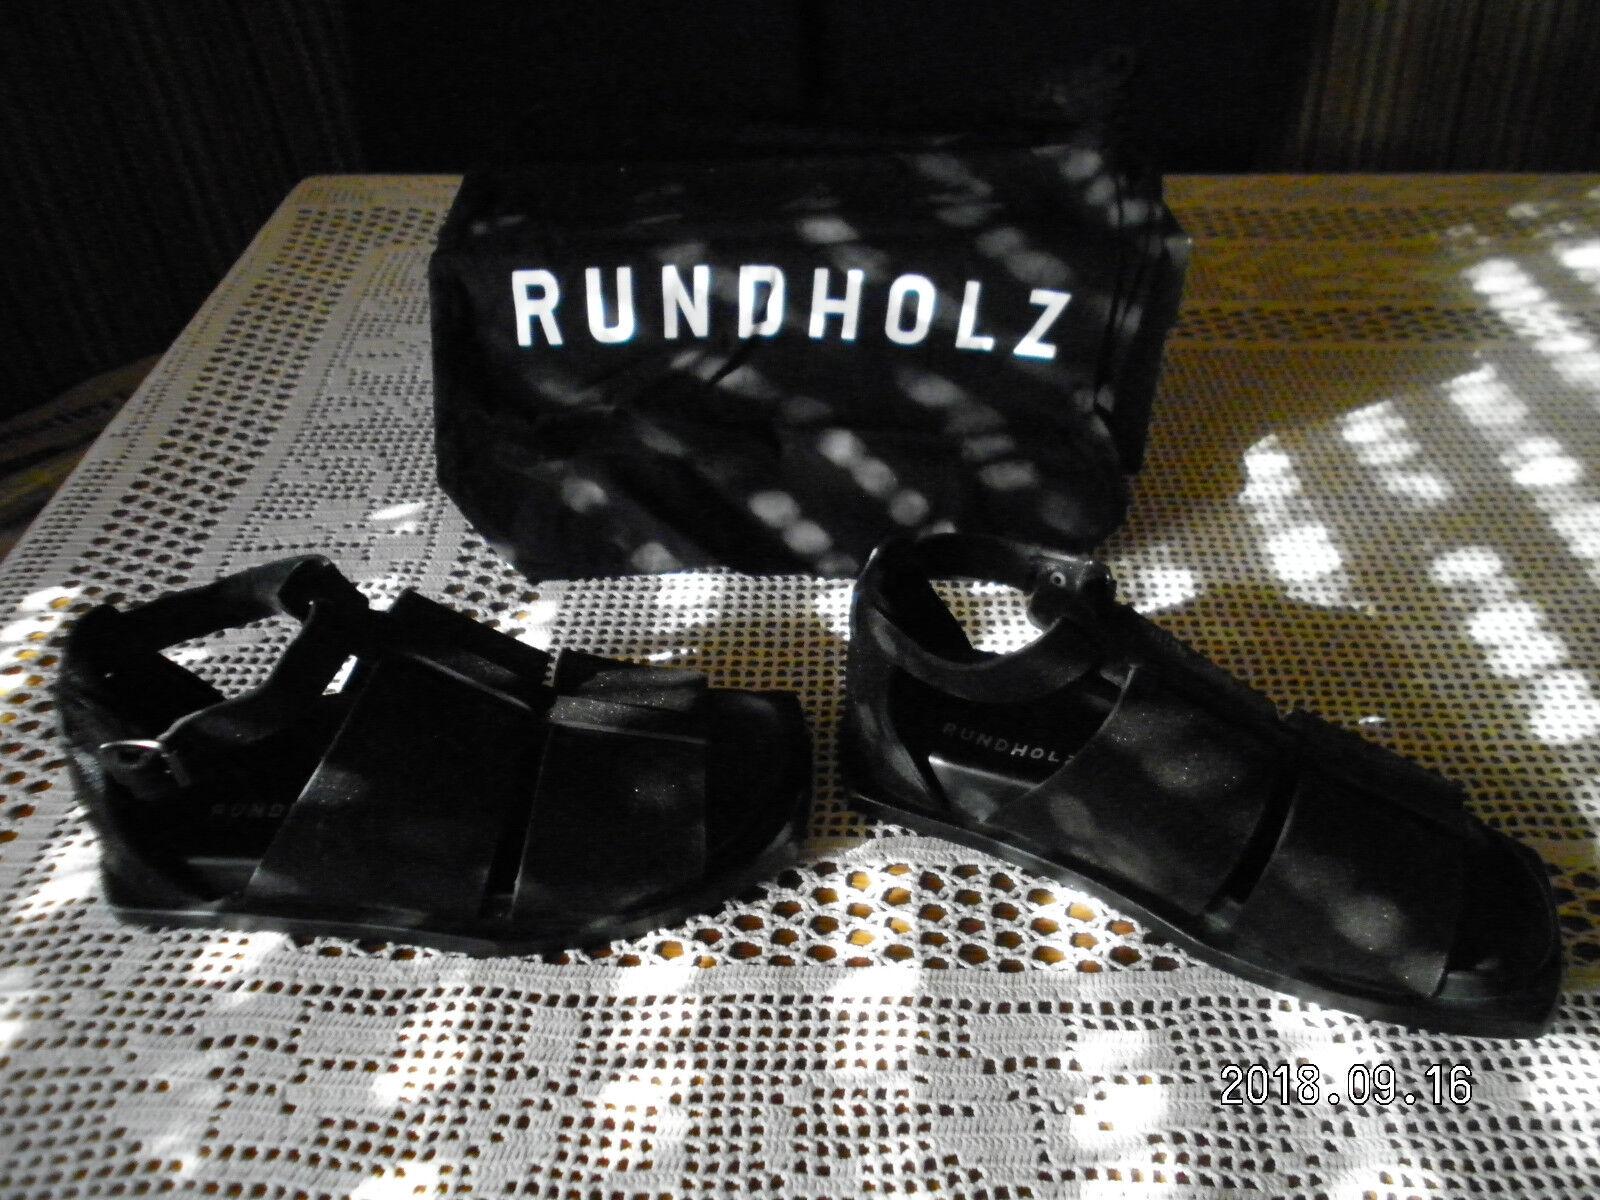 Rundholz, zapatos sandalias, sandalias, sandalias, talla 36 (37), Lagenlook, aprox 5 min. usado  venta con descuento